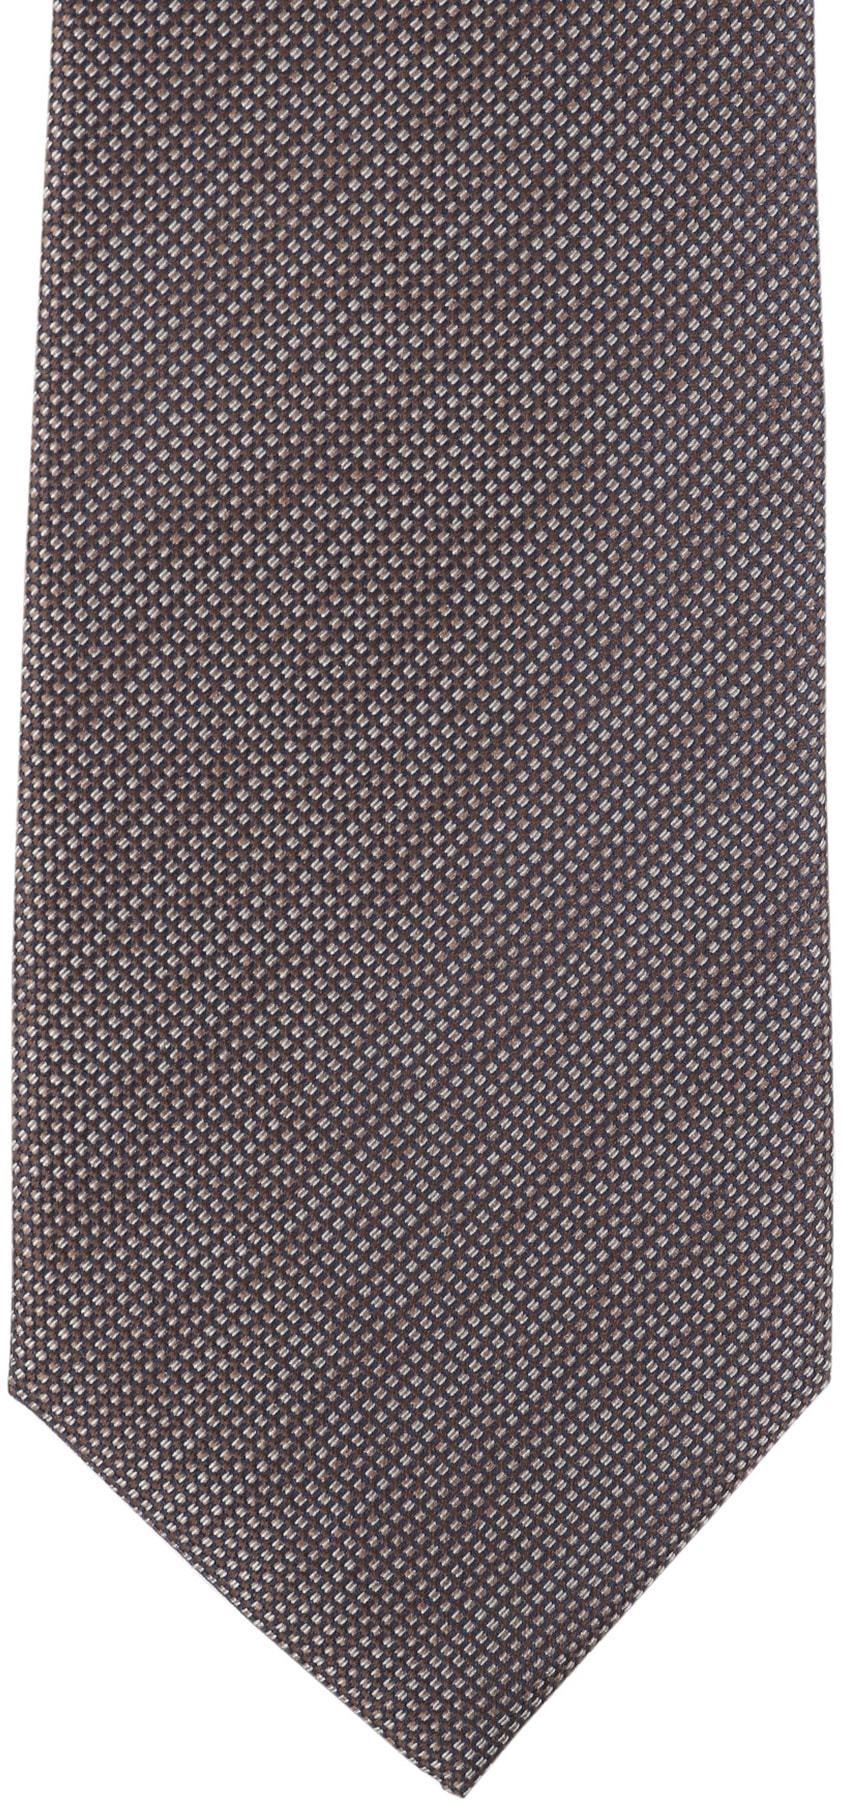 Krawatte Seide Pinpoint Braun 9-17 foto 1